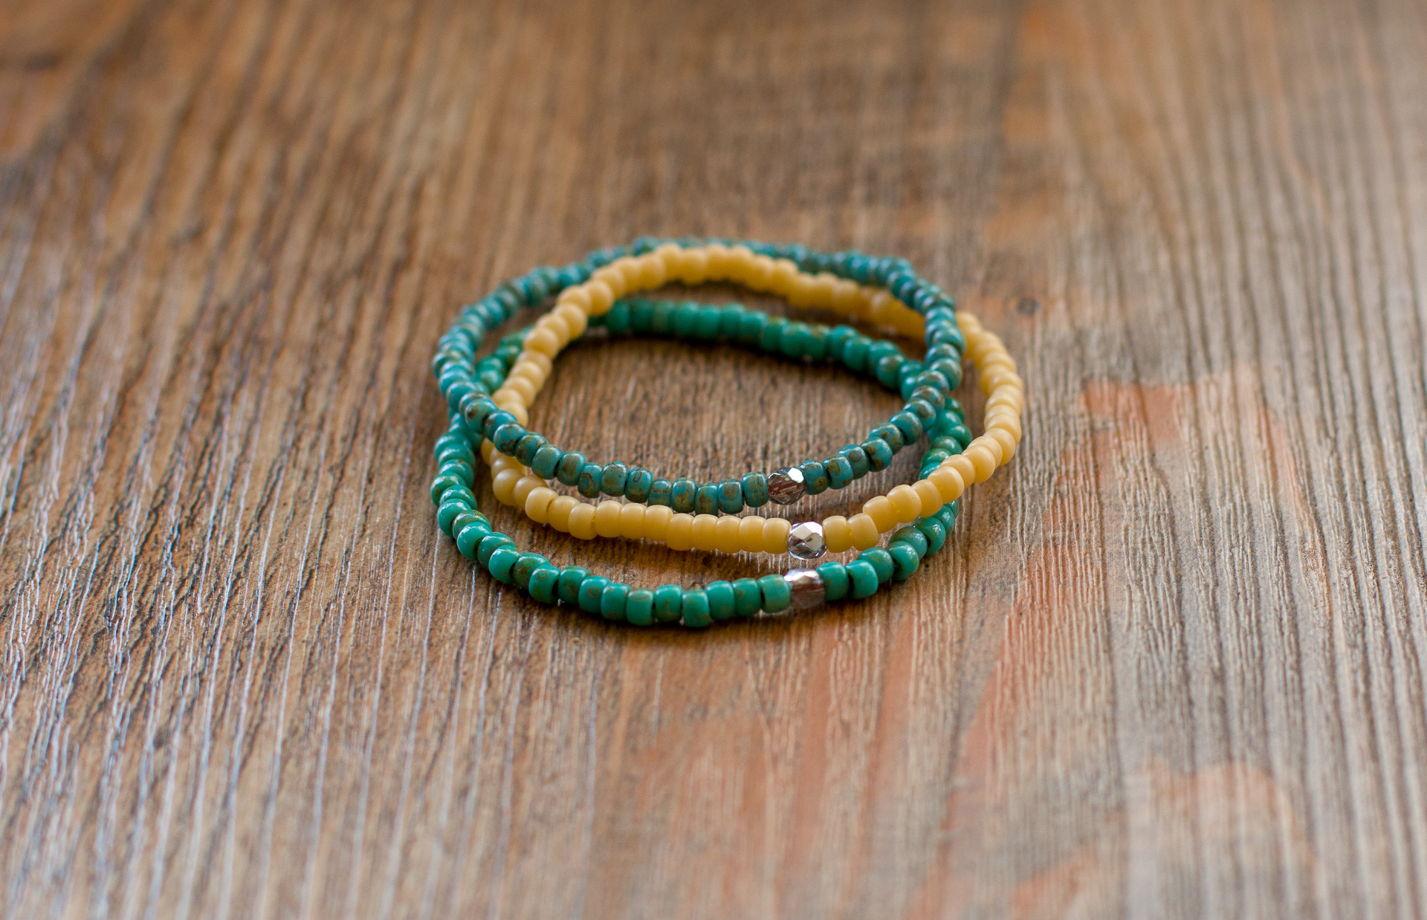 Комплект из 3 браслетов из бисера на резинке